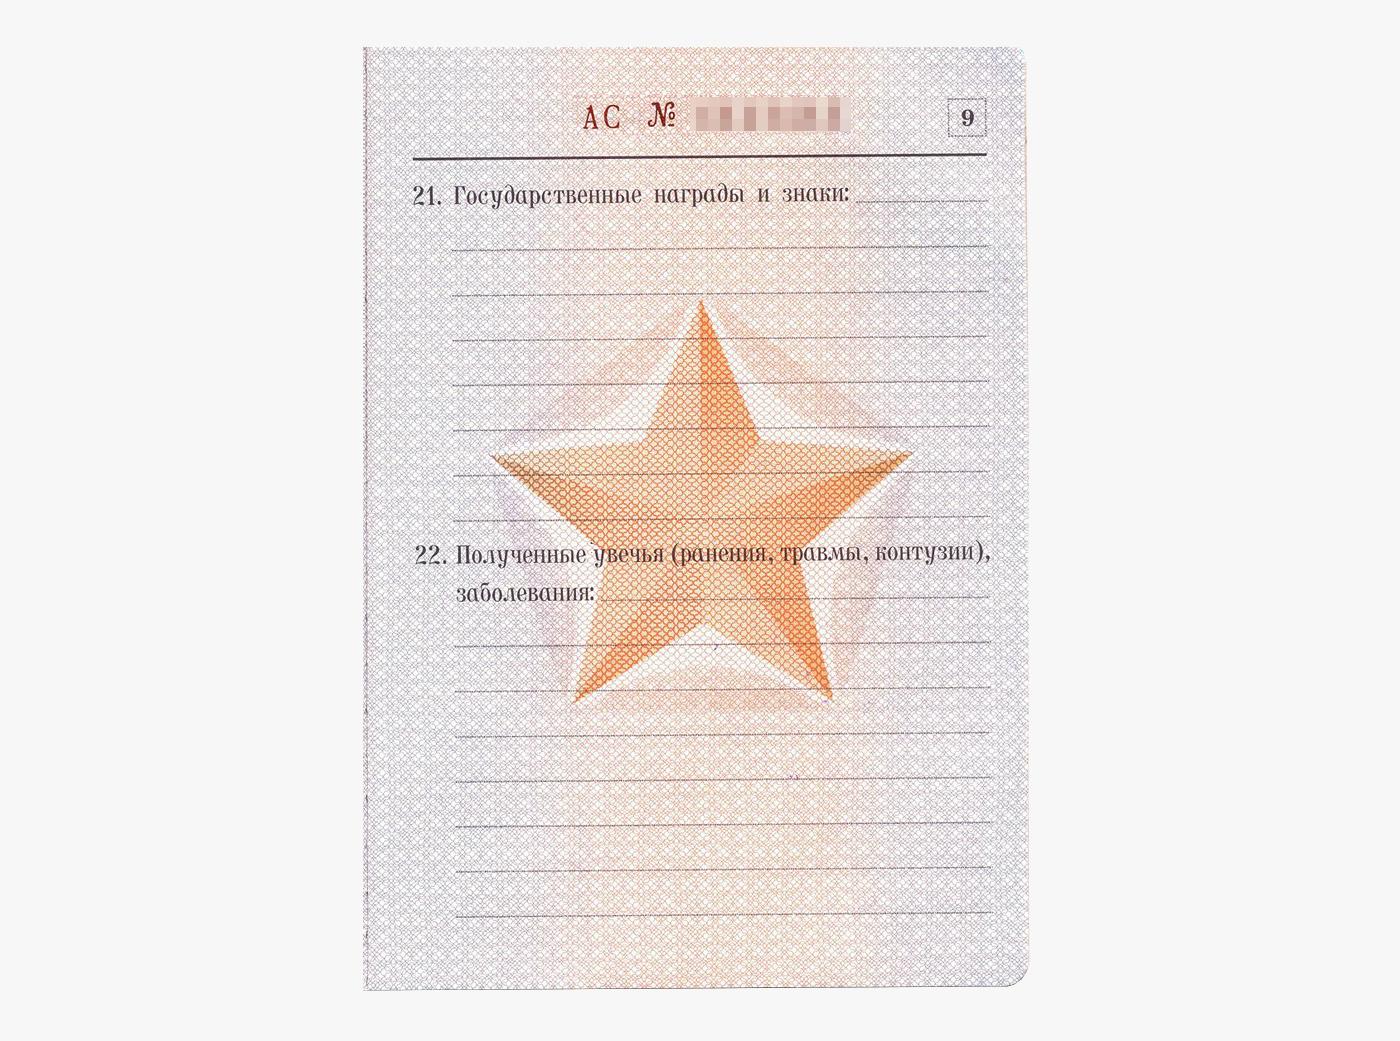 Так выглядит девятая страница военного билета. Тут записывают информацию о ранениях и контузиях, если они были